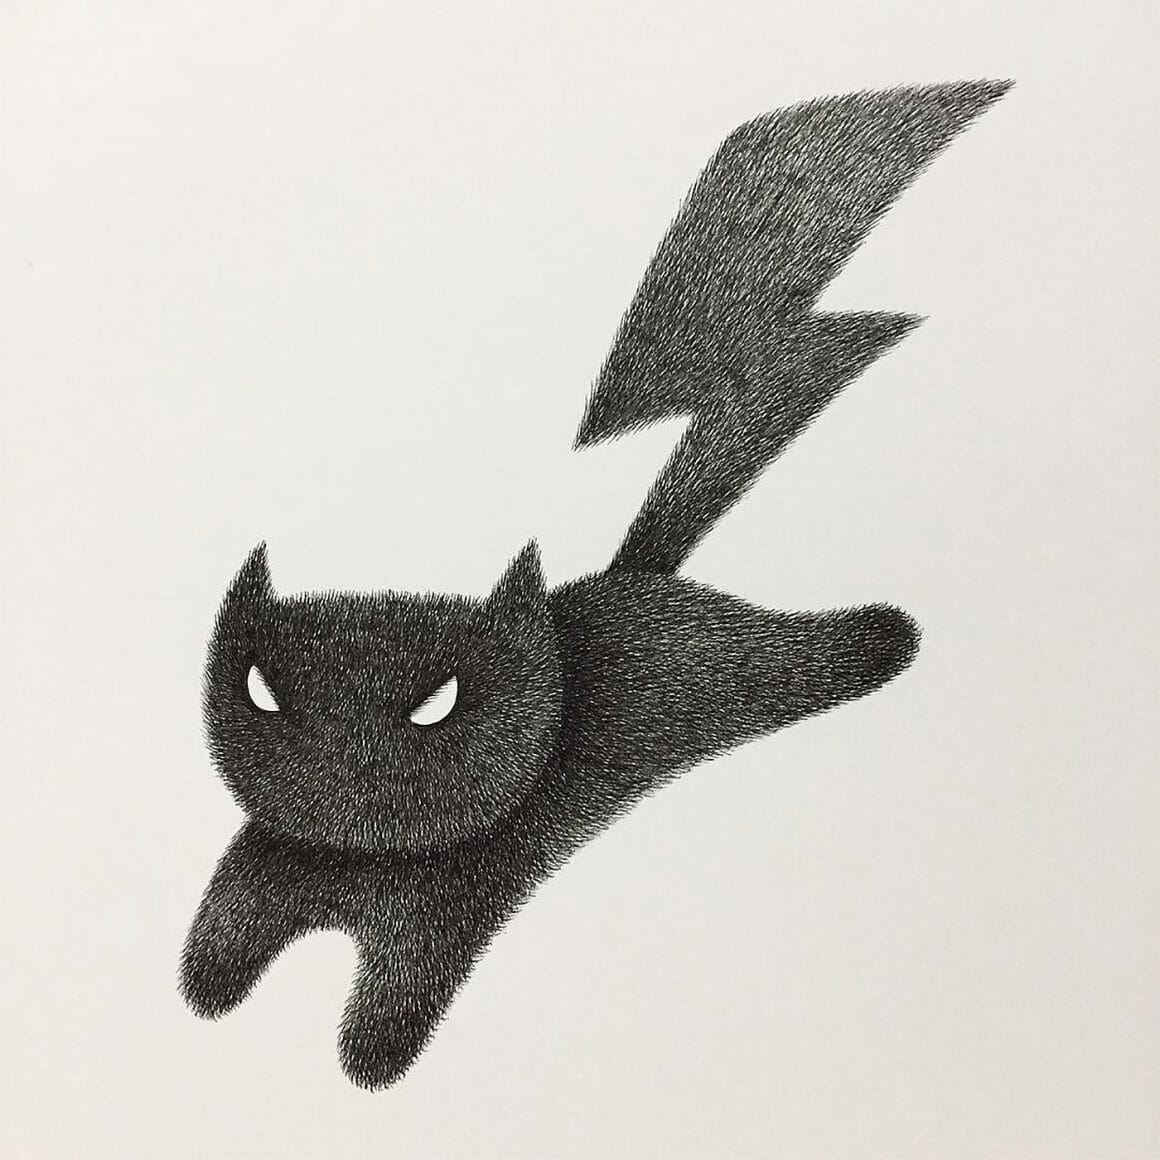 Dessin de chat de Kamwei Fong. Celui-ci représente un chat avec une queue en forme d'éclair.